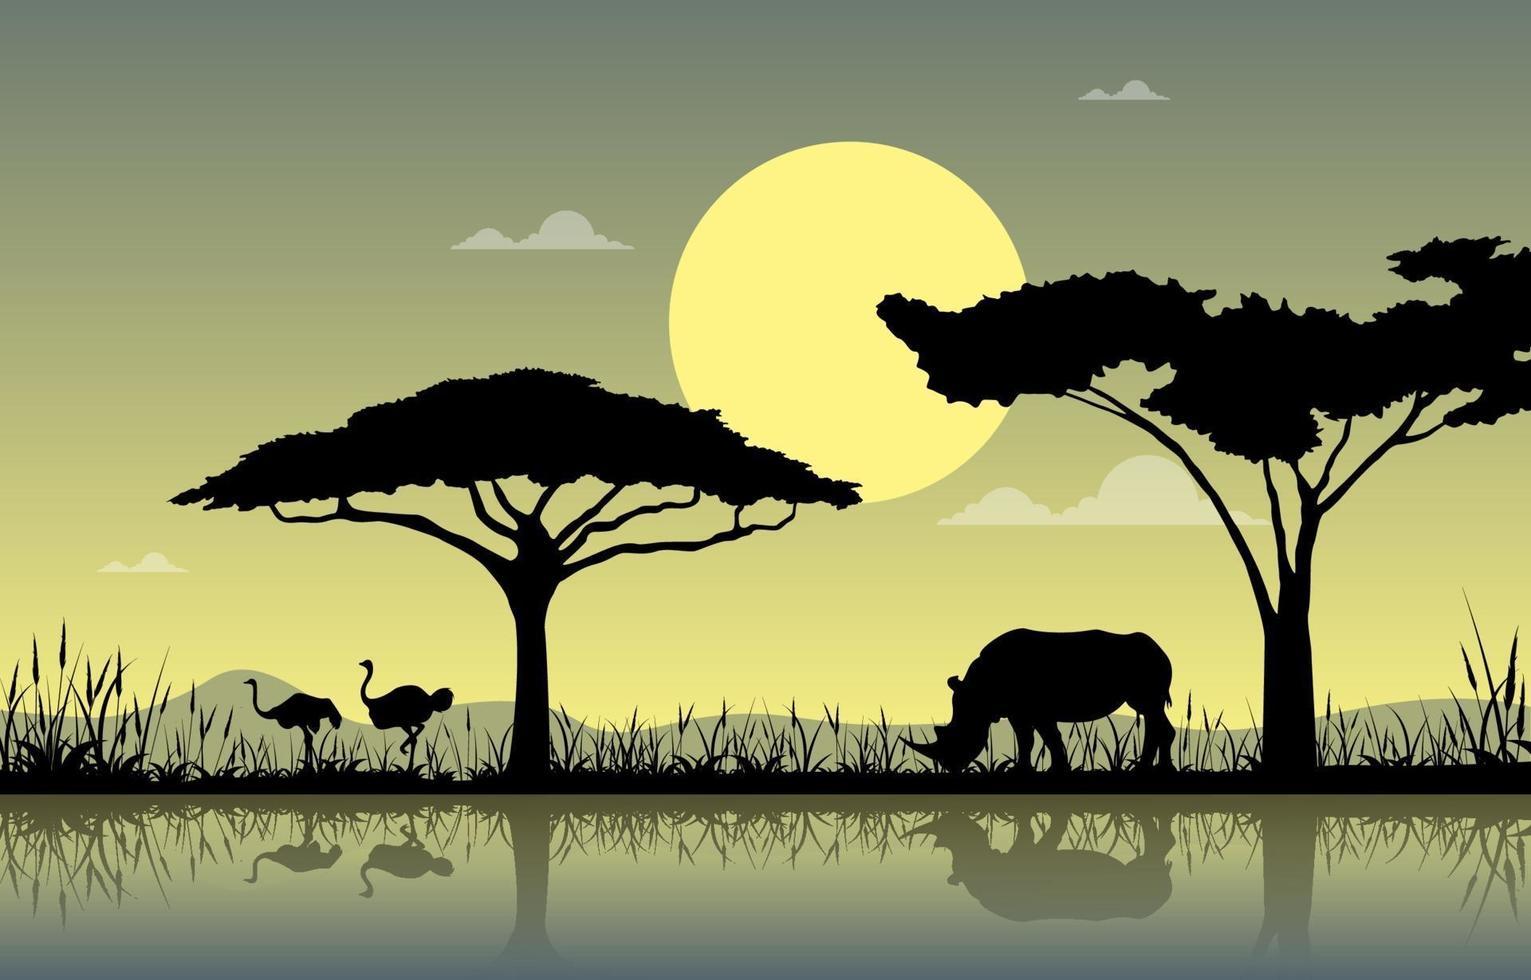 strutsar och noshörningar vid oasen i afrikansk savannlandskapsillustration vektor